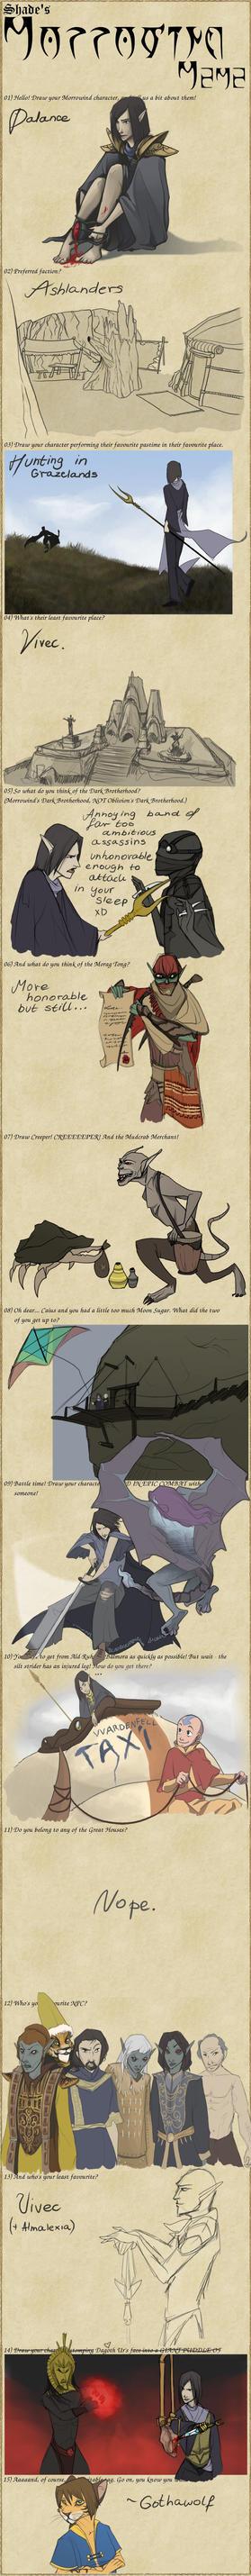 Morrowind meme by Shagan-fury